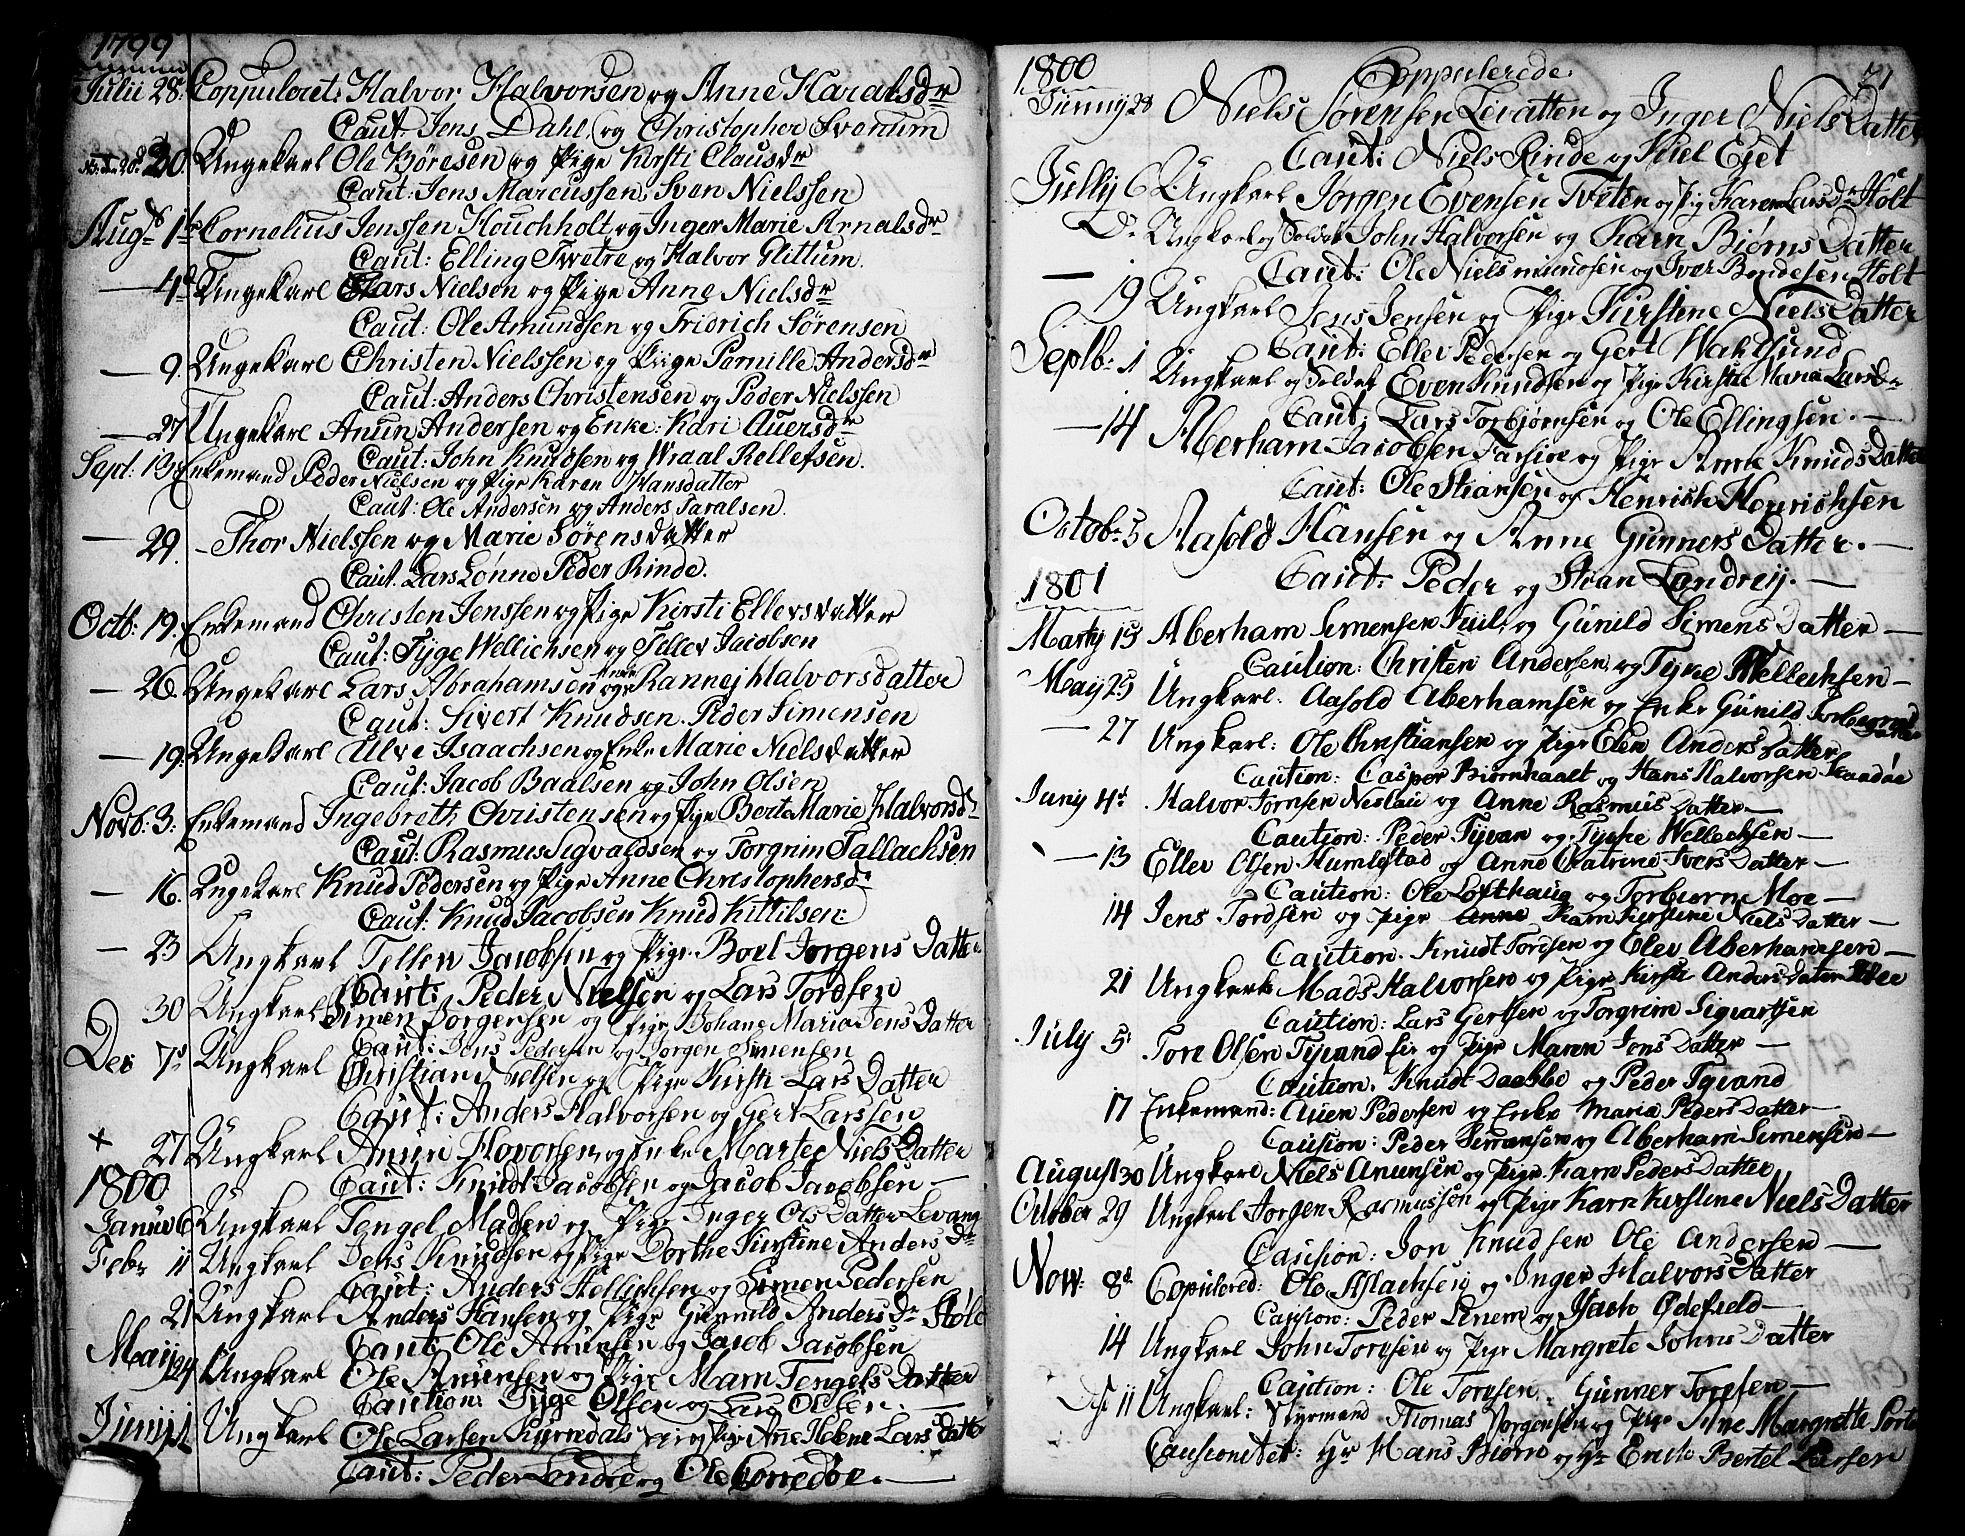 SAKO, Sannidal kirkebøker, F/Fa/L0002: Ministerialbok nr. 2, 1767-1802, s. 21